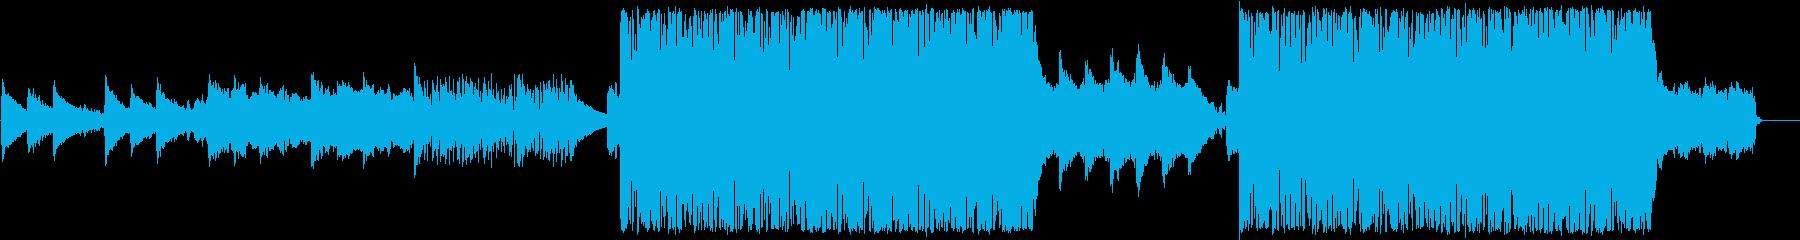 切ないテクスチャーの再生済みの波形